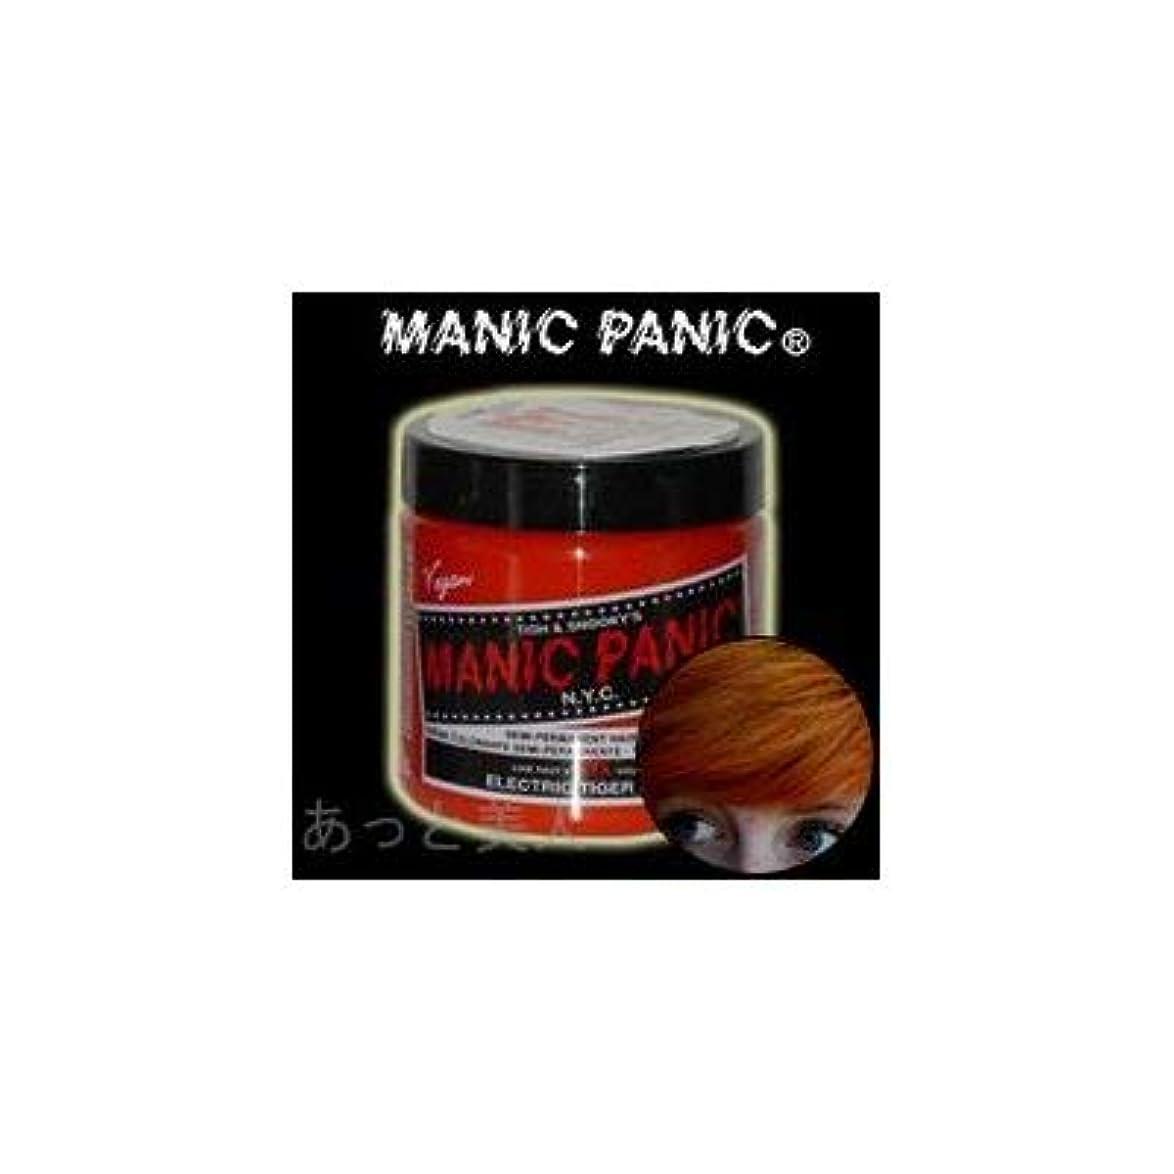 血色の良い空気同化するMANIC PANICマニックパニック エレクトリックタイガーリリー(Electric Tiger Lily)